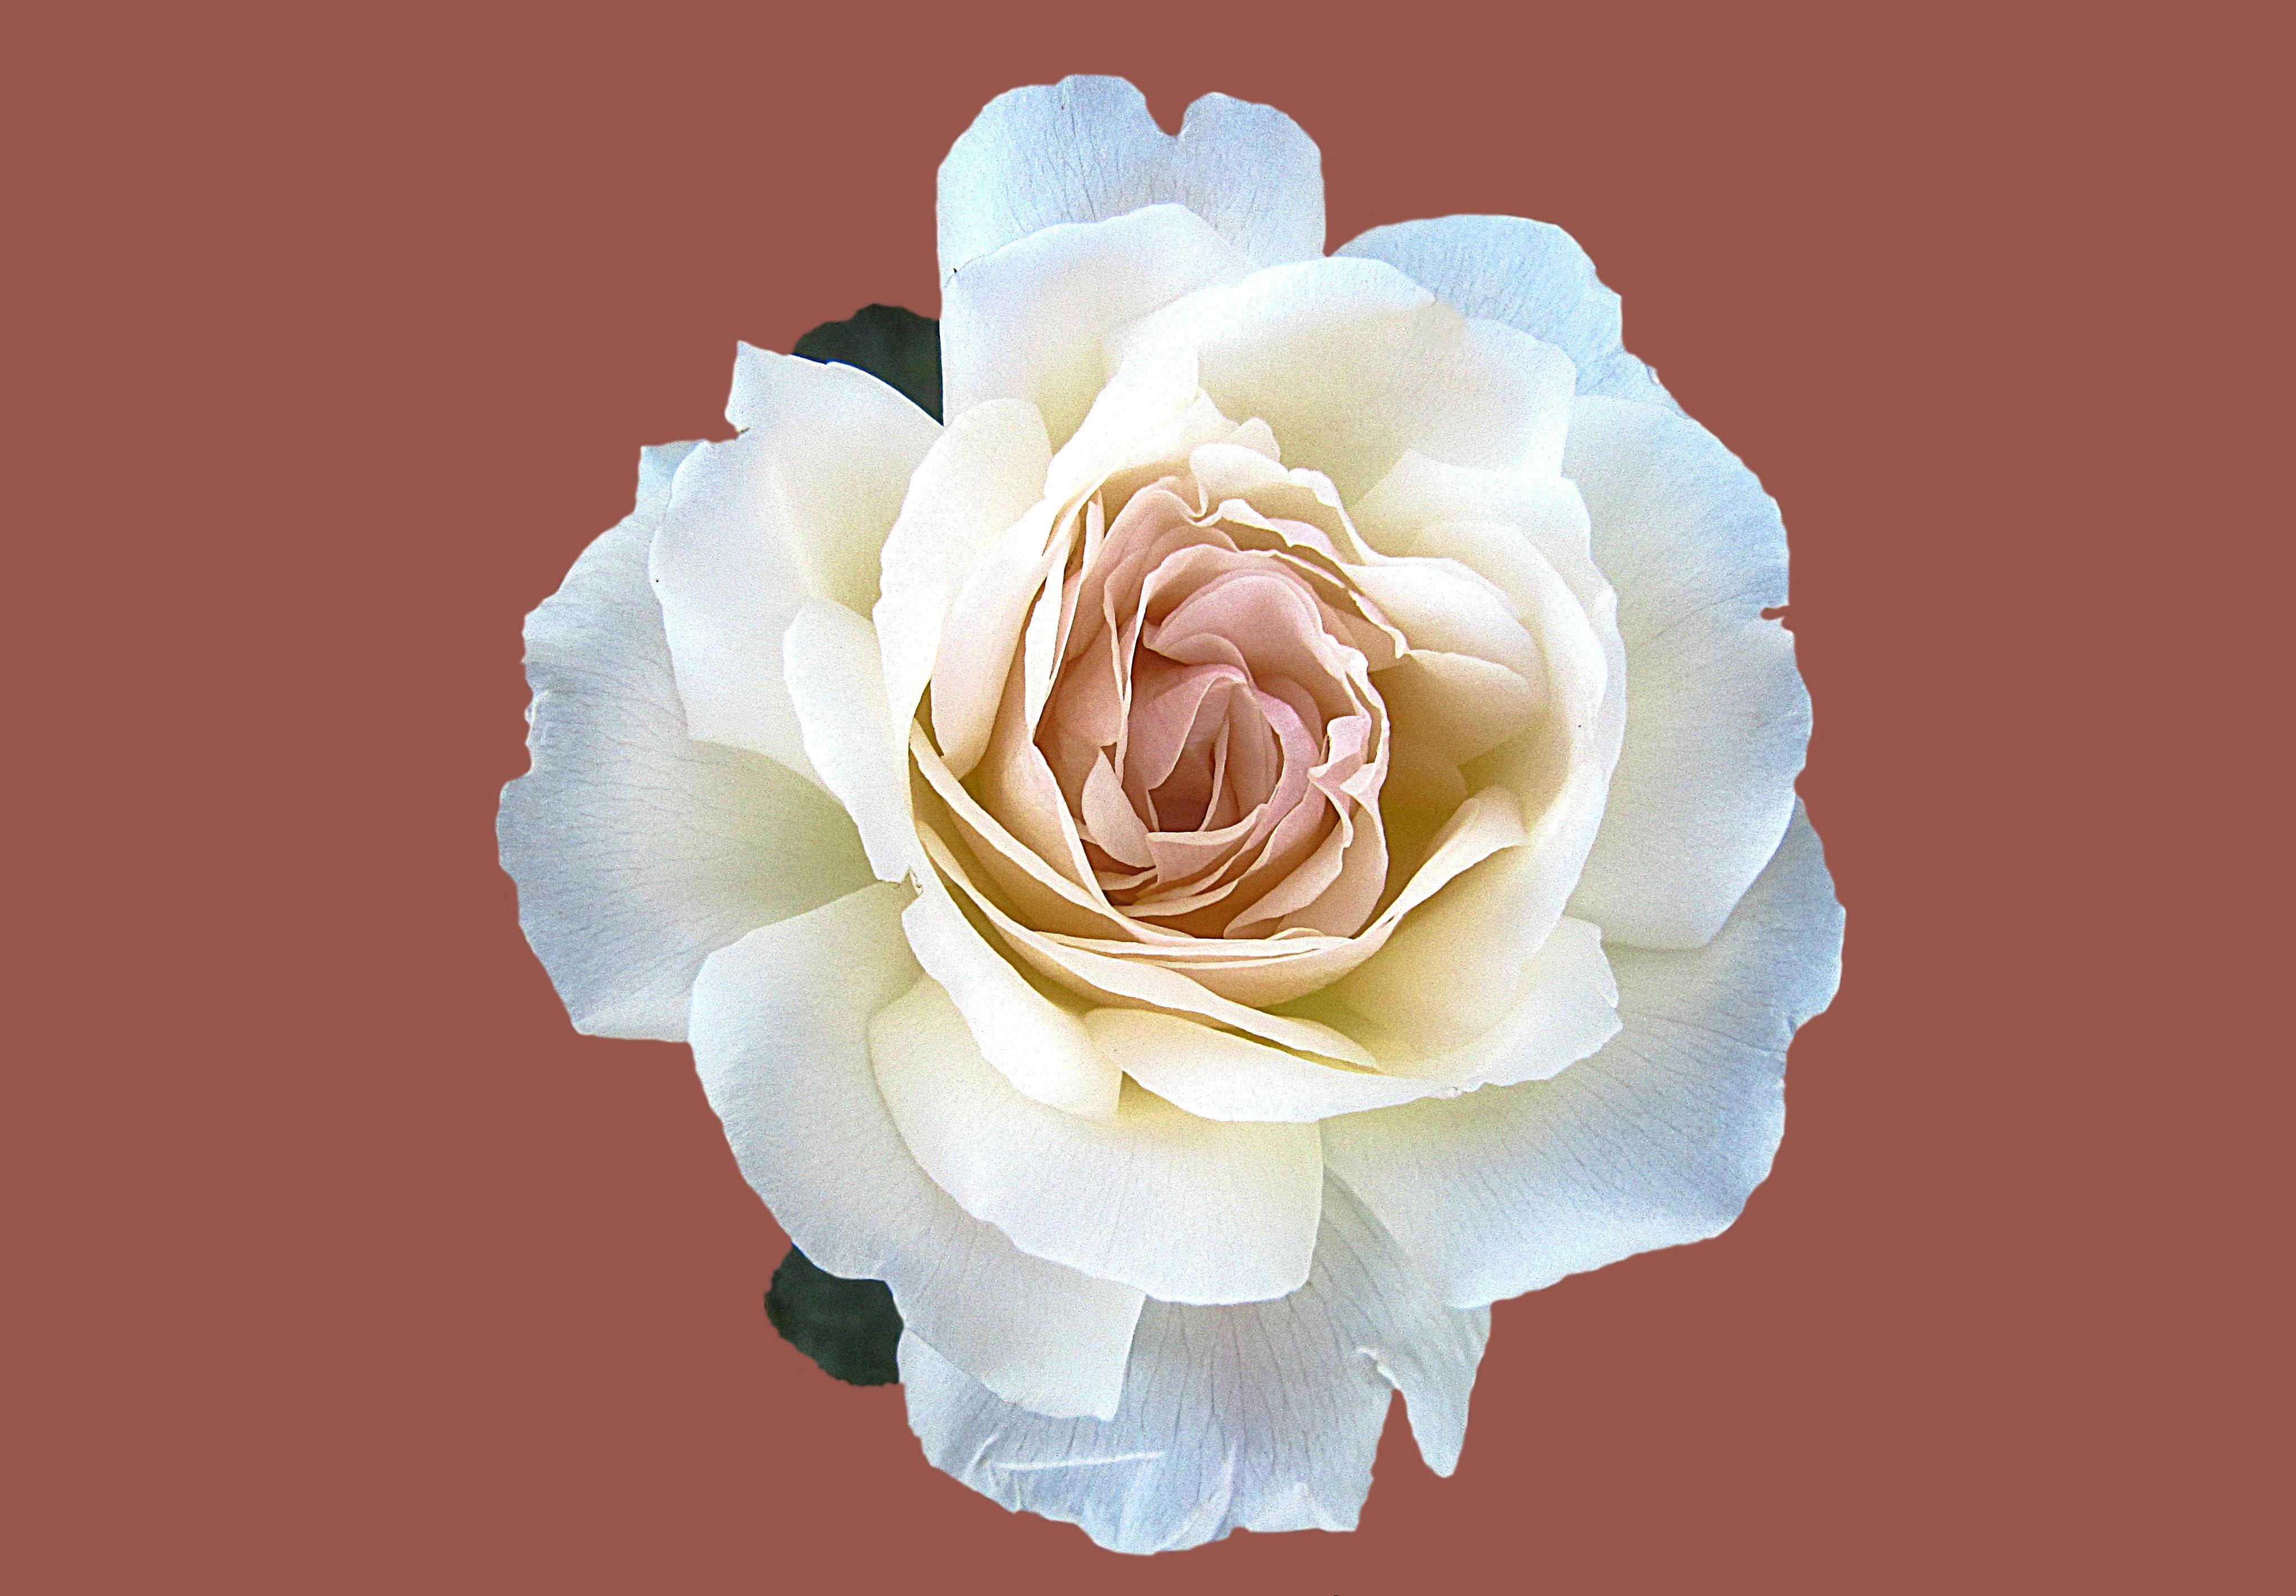 1000 Great White Rose Photos Pexels Free Stock Photos